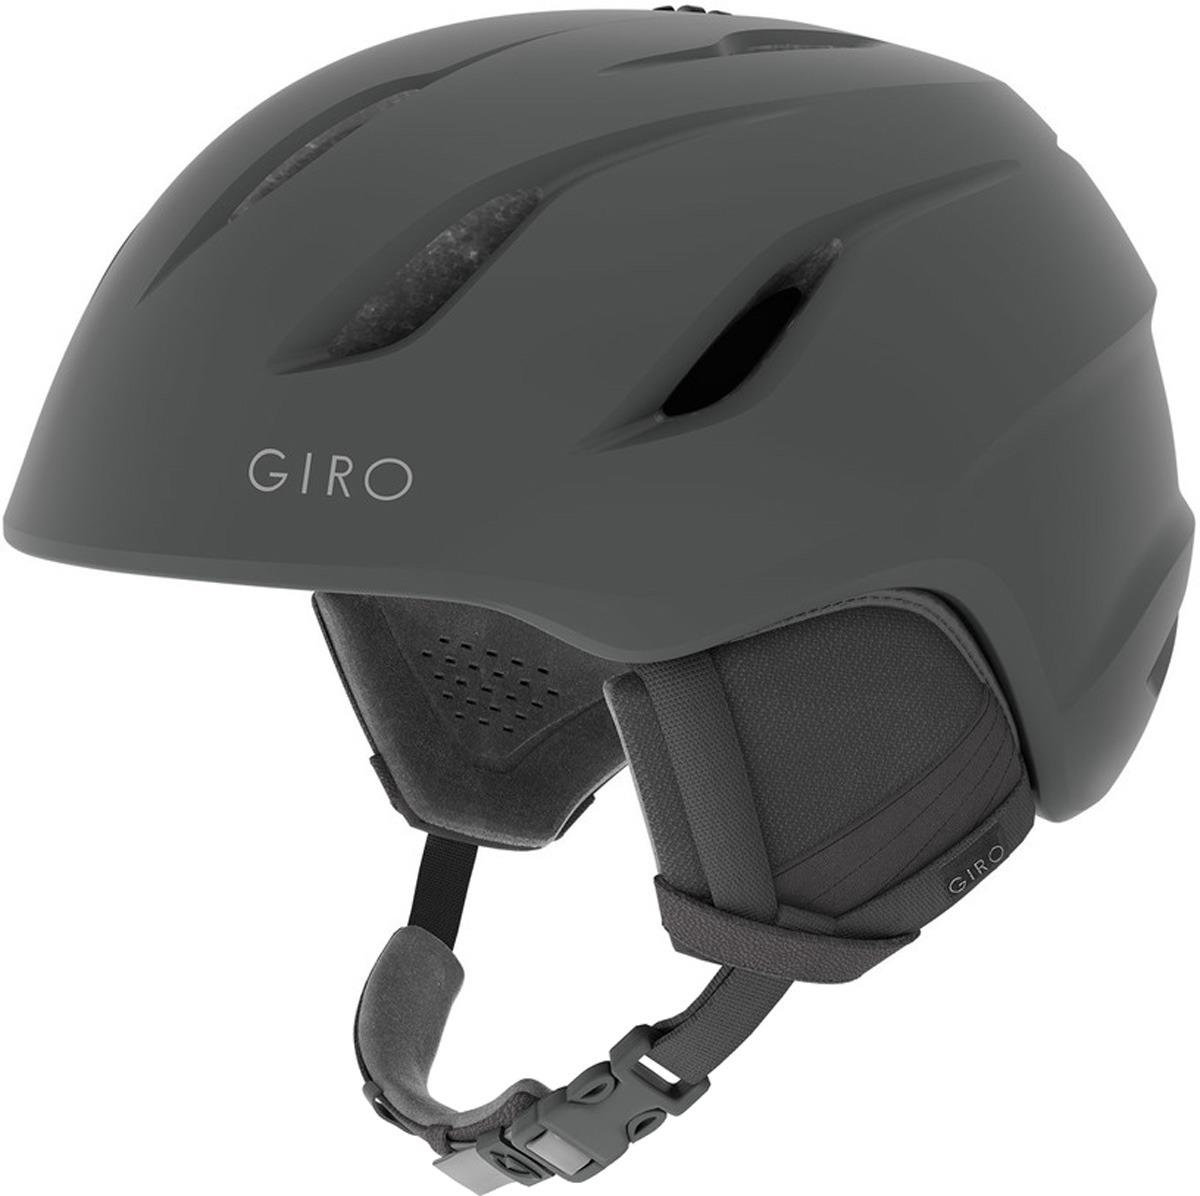 Шлем горнолыжный Giro Era женский, 7082771, серый, размер S (52-55) шлем горнолыжный giro nine 7093766 серый размер xl 62 65